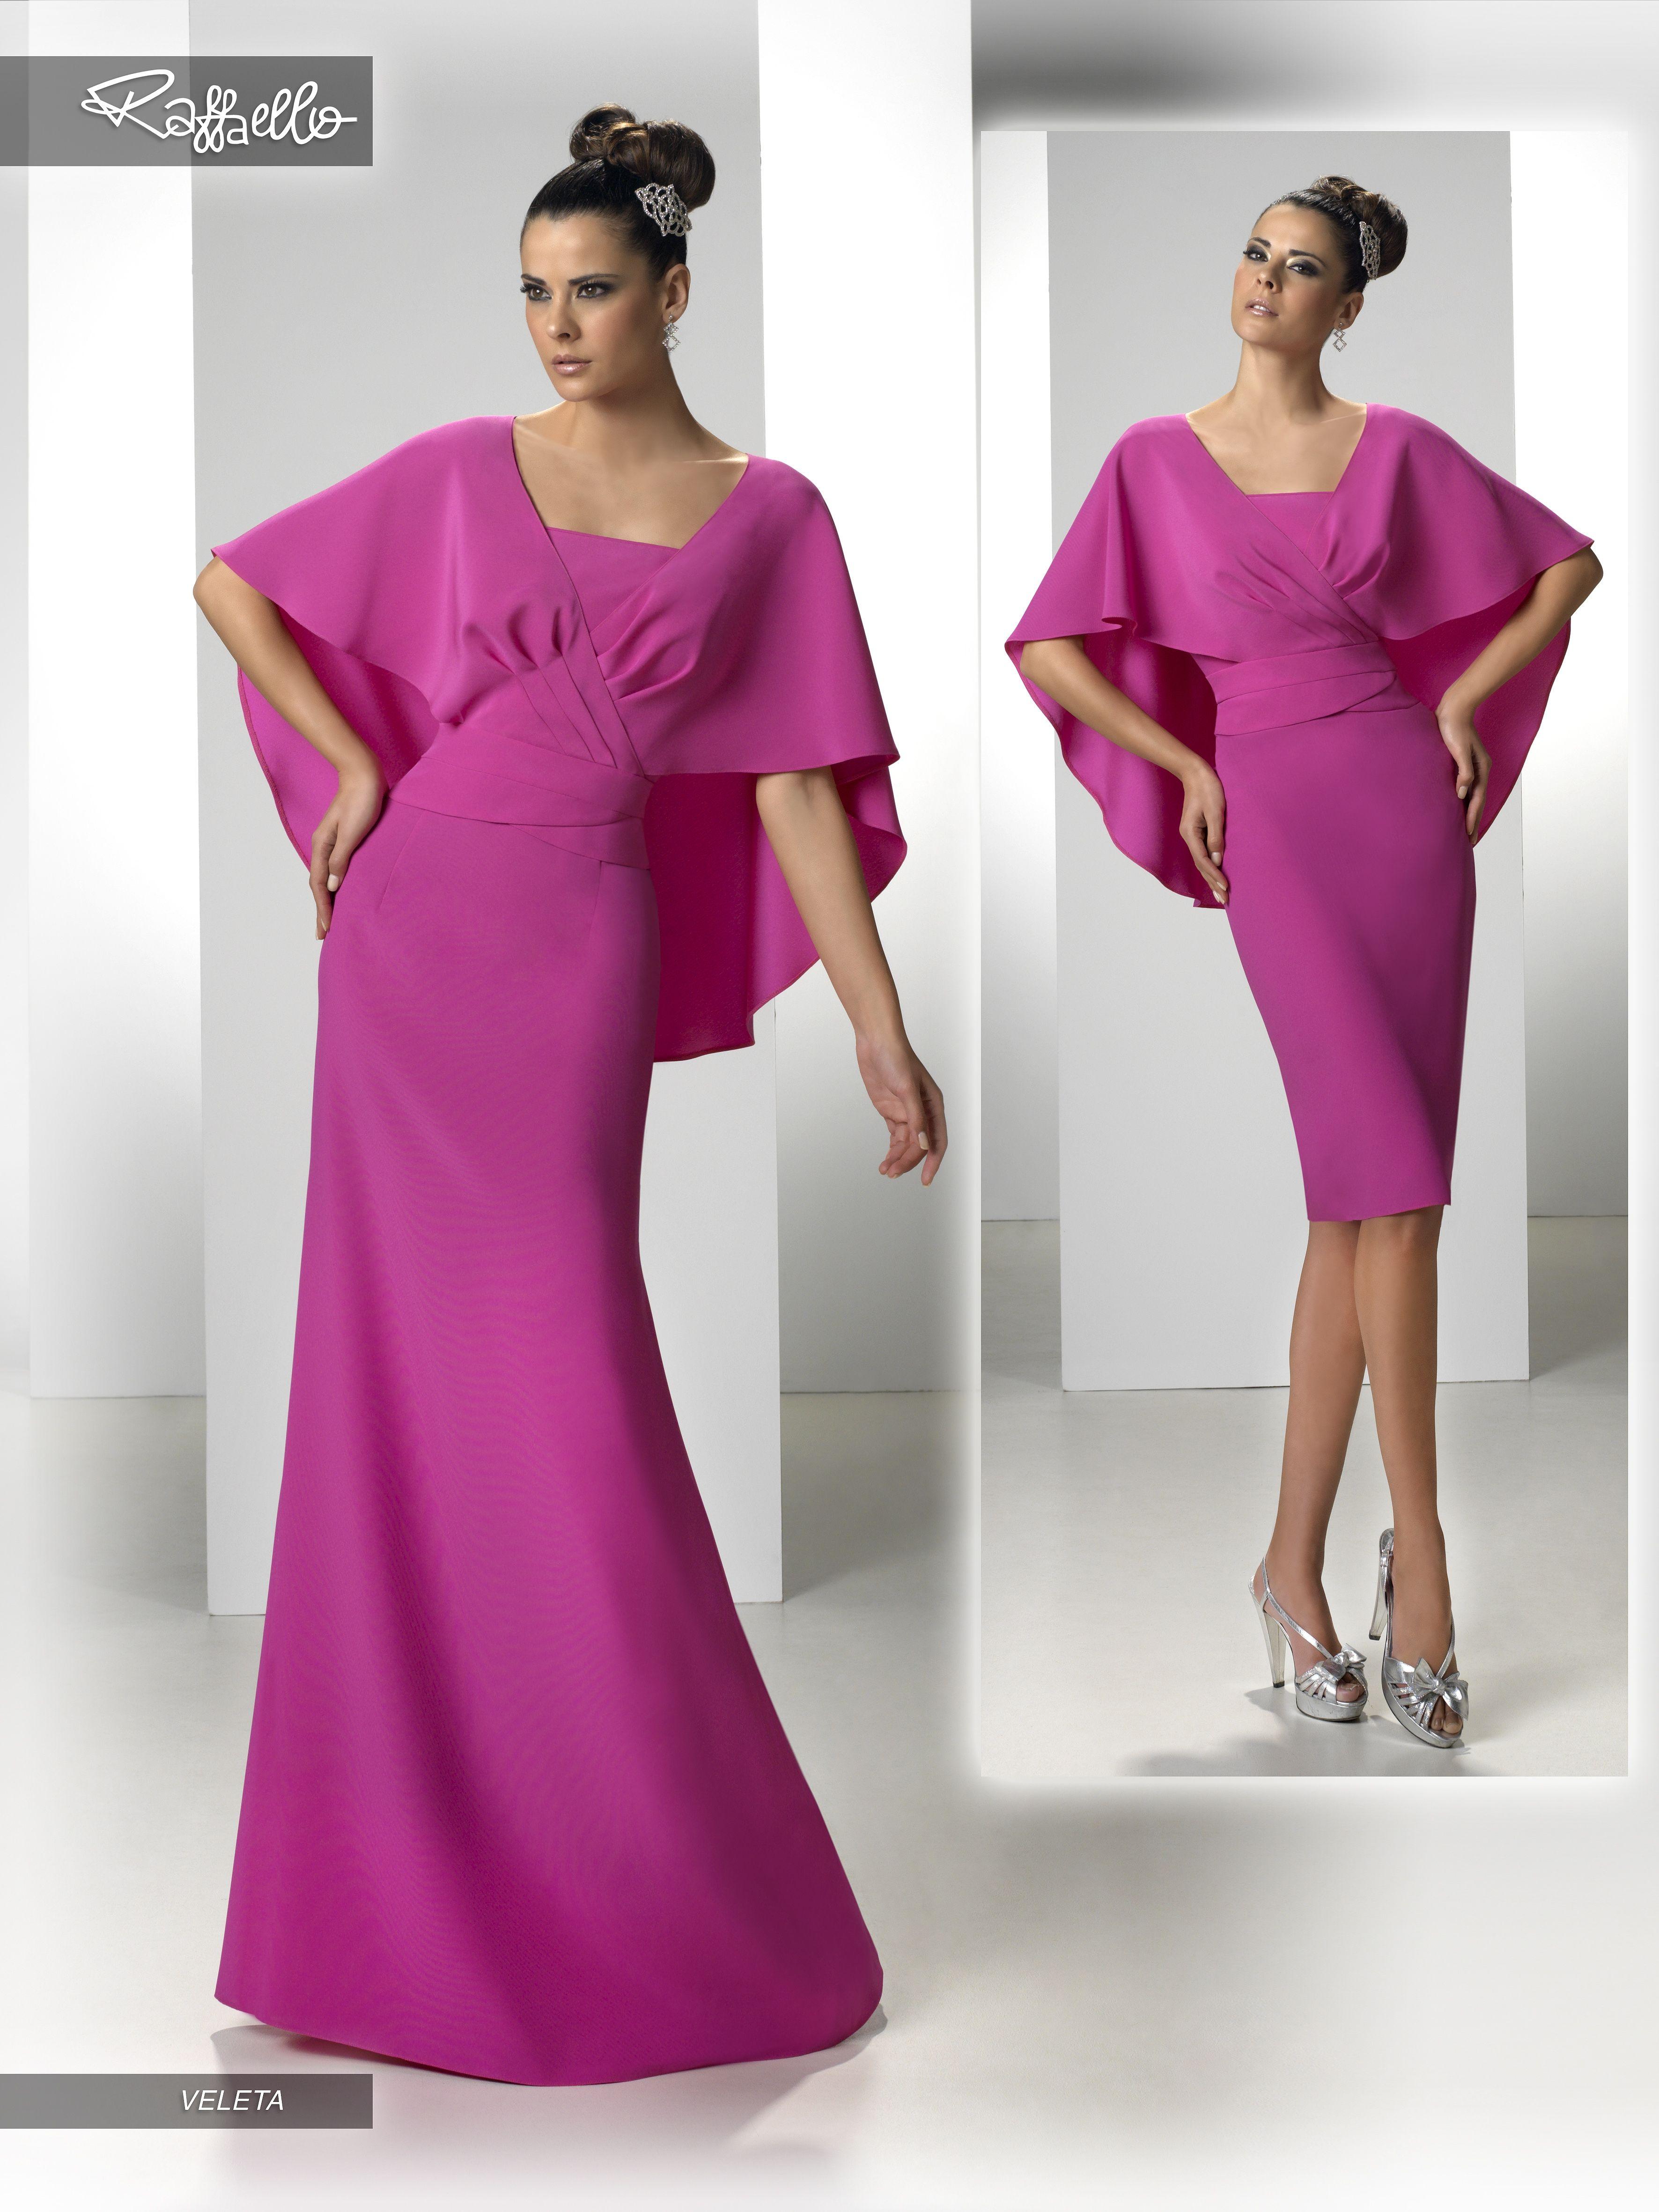 VELETA (Vestido de Fiesta). Diseñador: Raffaello. ... | vestidos ...